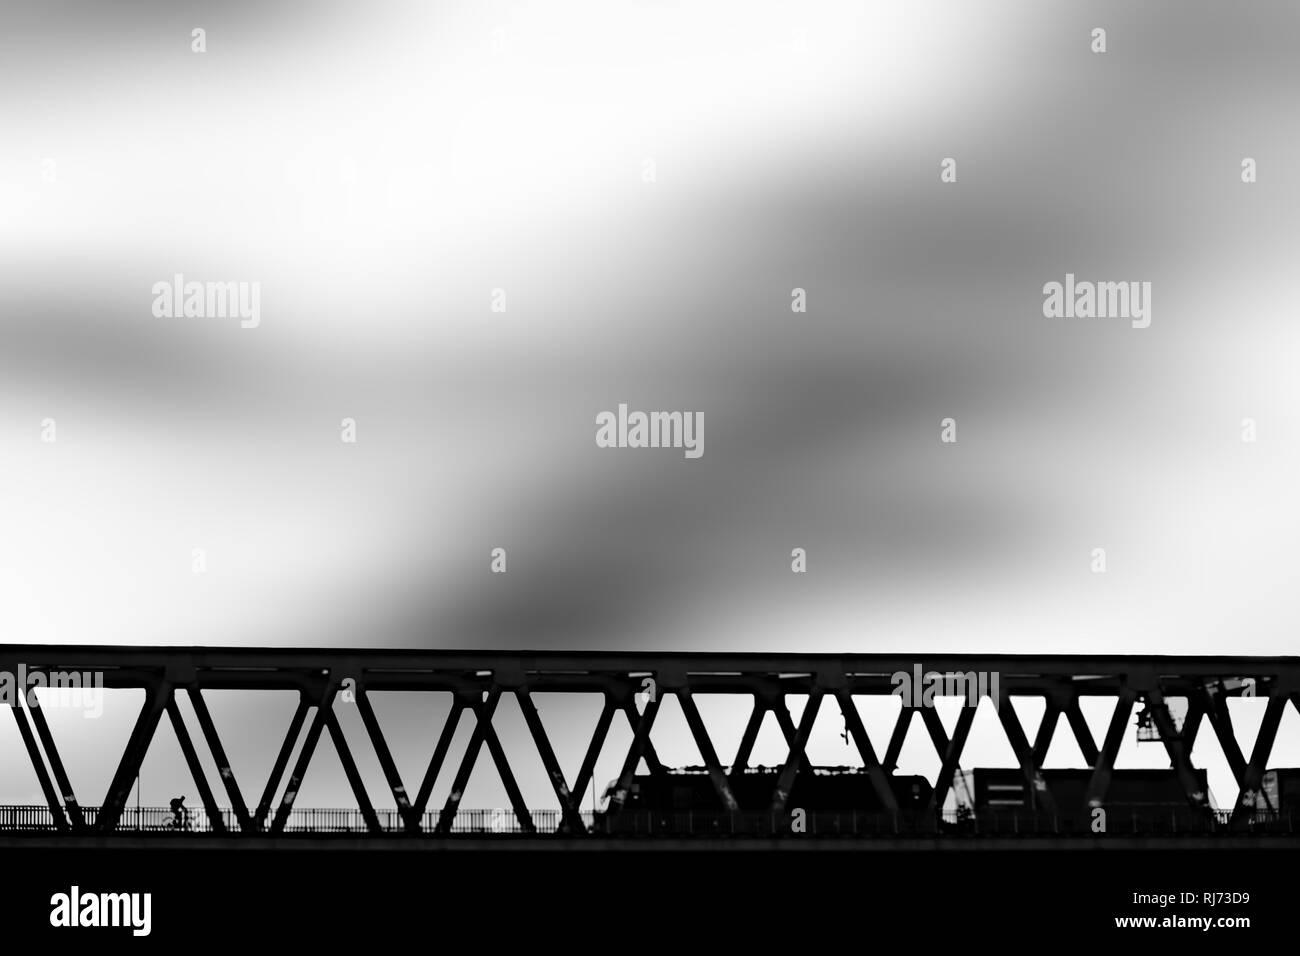 Silhouette einer Eisenbahnbrücke mit einem Zug und Fahrradfahrer, - Stock Image